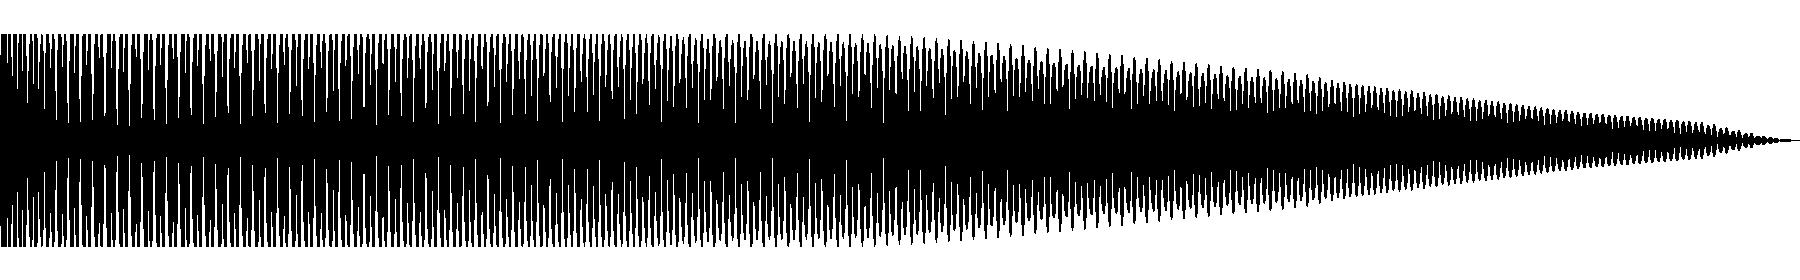 cymatics   hybrid trap 808 2   d